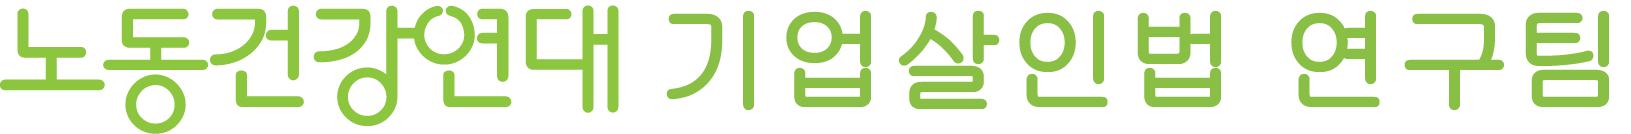 노동건강연대 연구팀.png